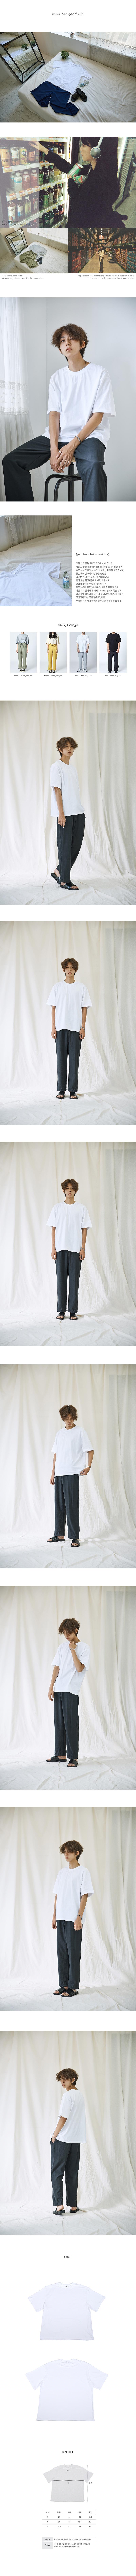 [자토] 히든밴드 (목늘어남방지) 유니섹스 오버핏 반팔티 - white